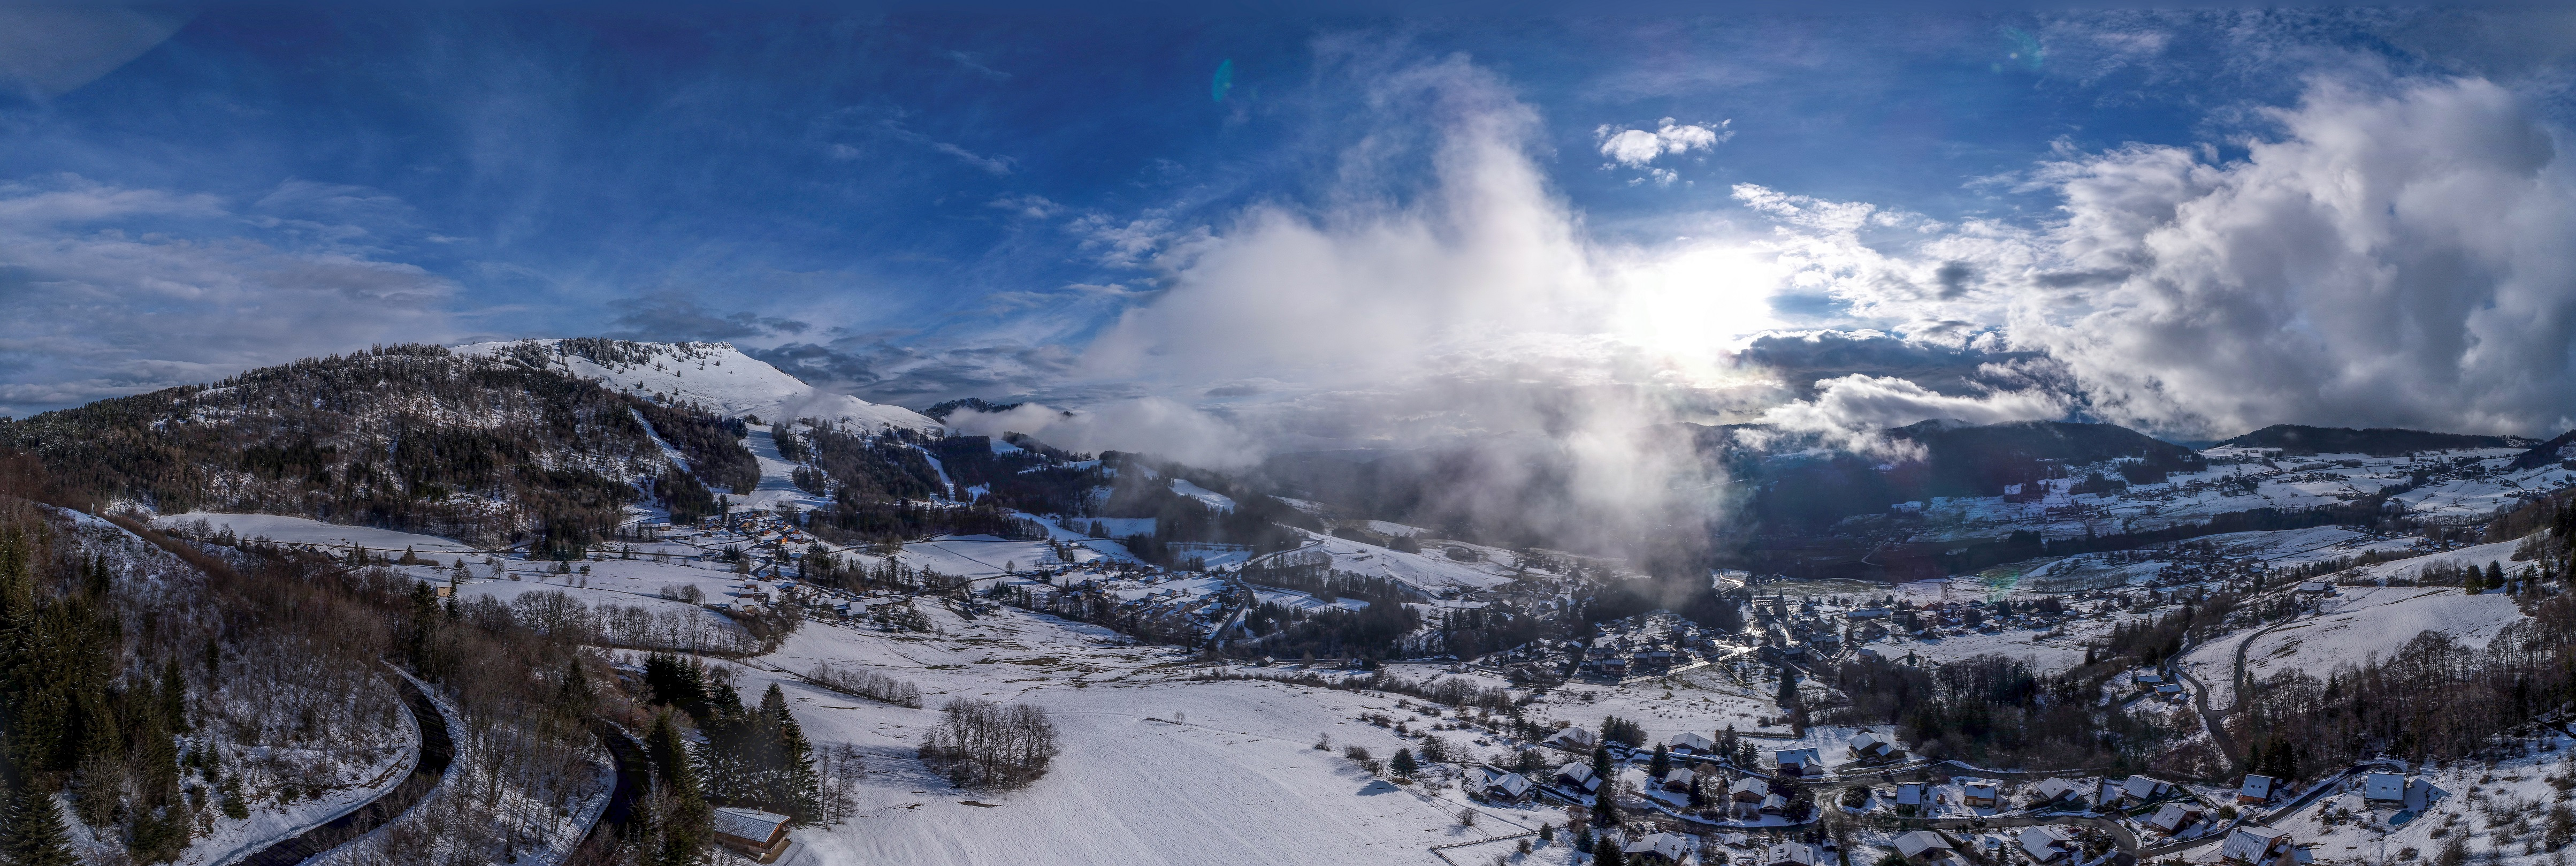 Habere-Poche, Lac le Vallon, Haute Savoie